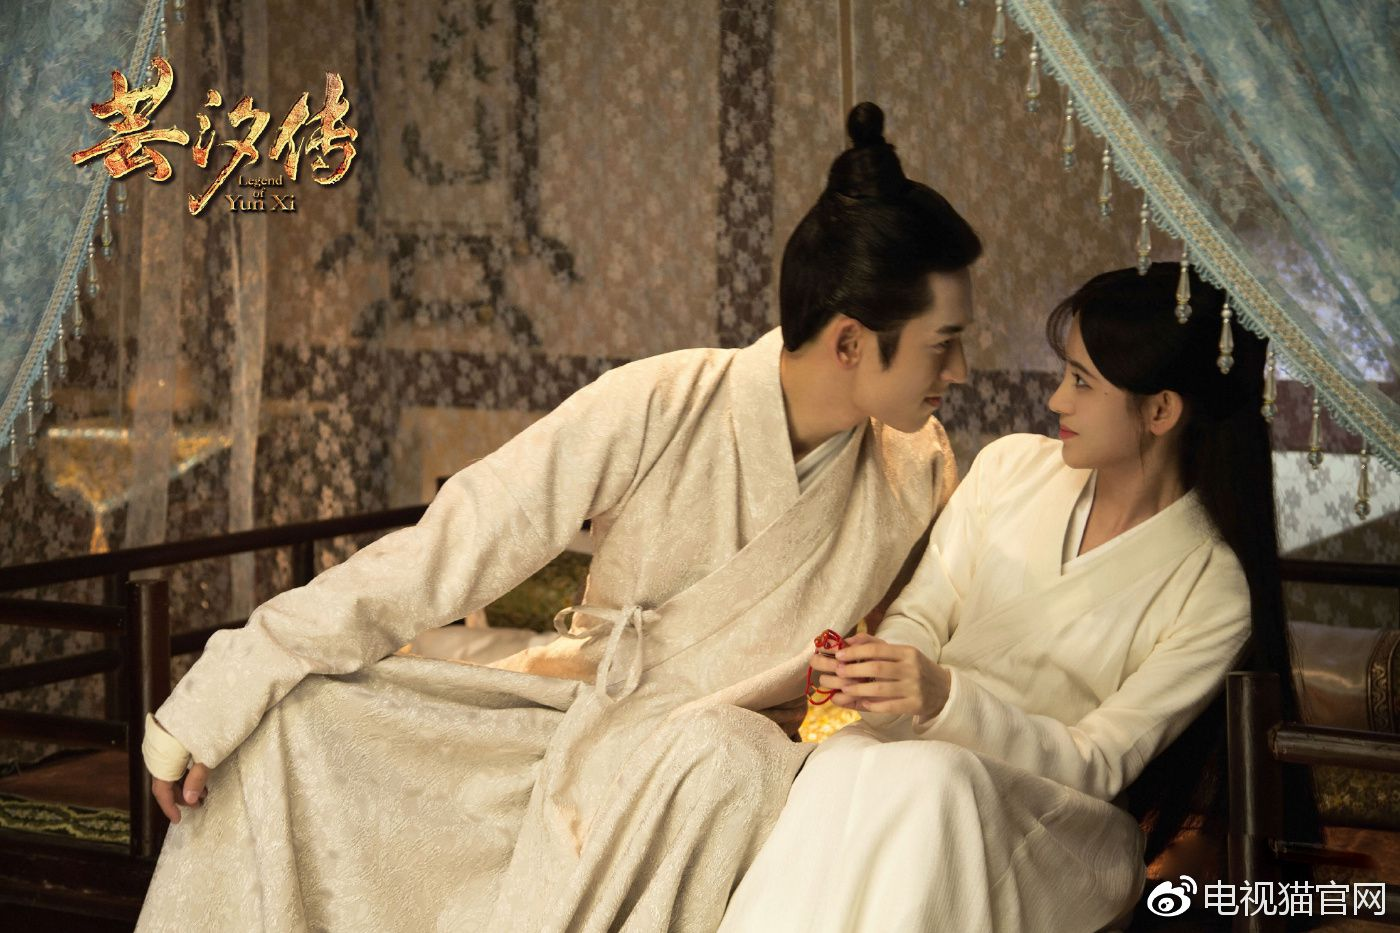 Cúc Tịnh Y, Trương Triết Hạn & Mễ Nhiệt: Bộ ba nhan sắc kinh diễm (7)